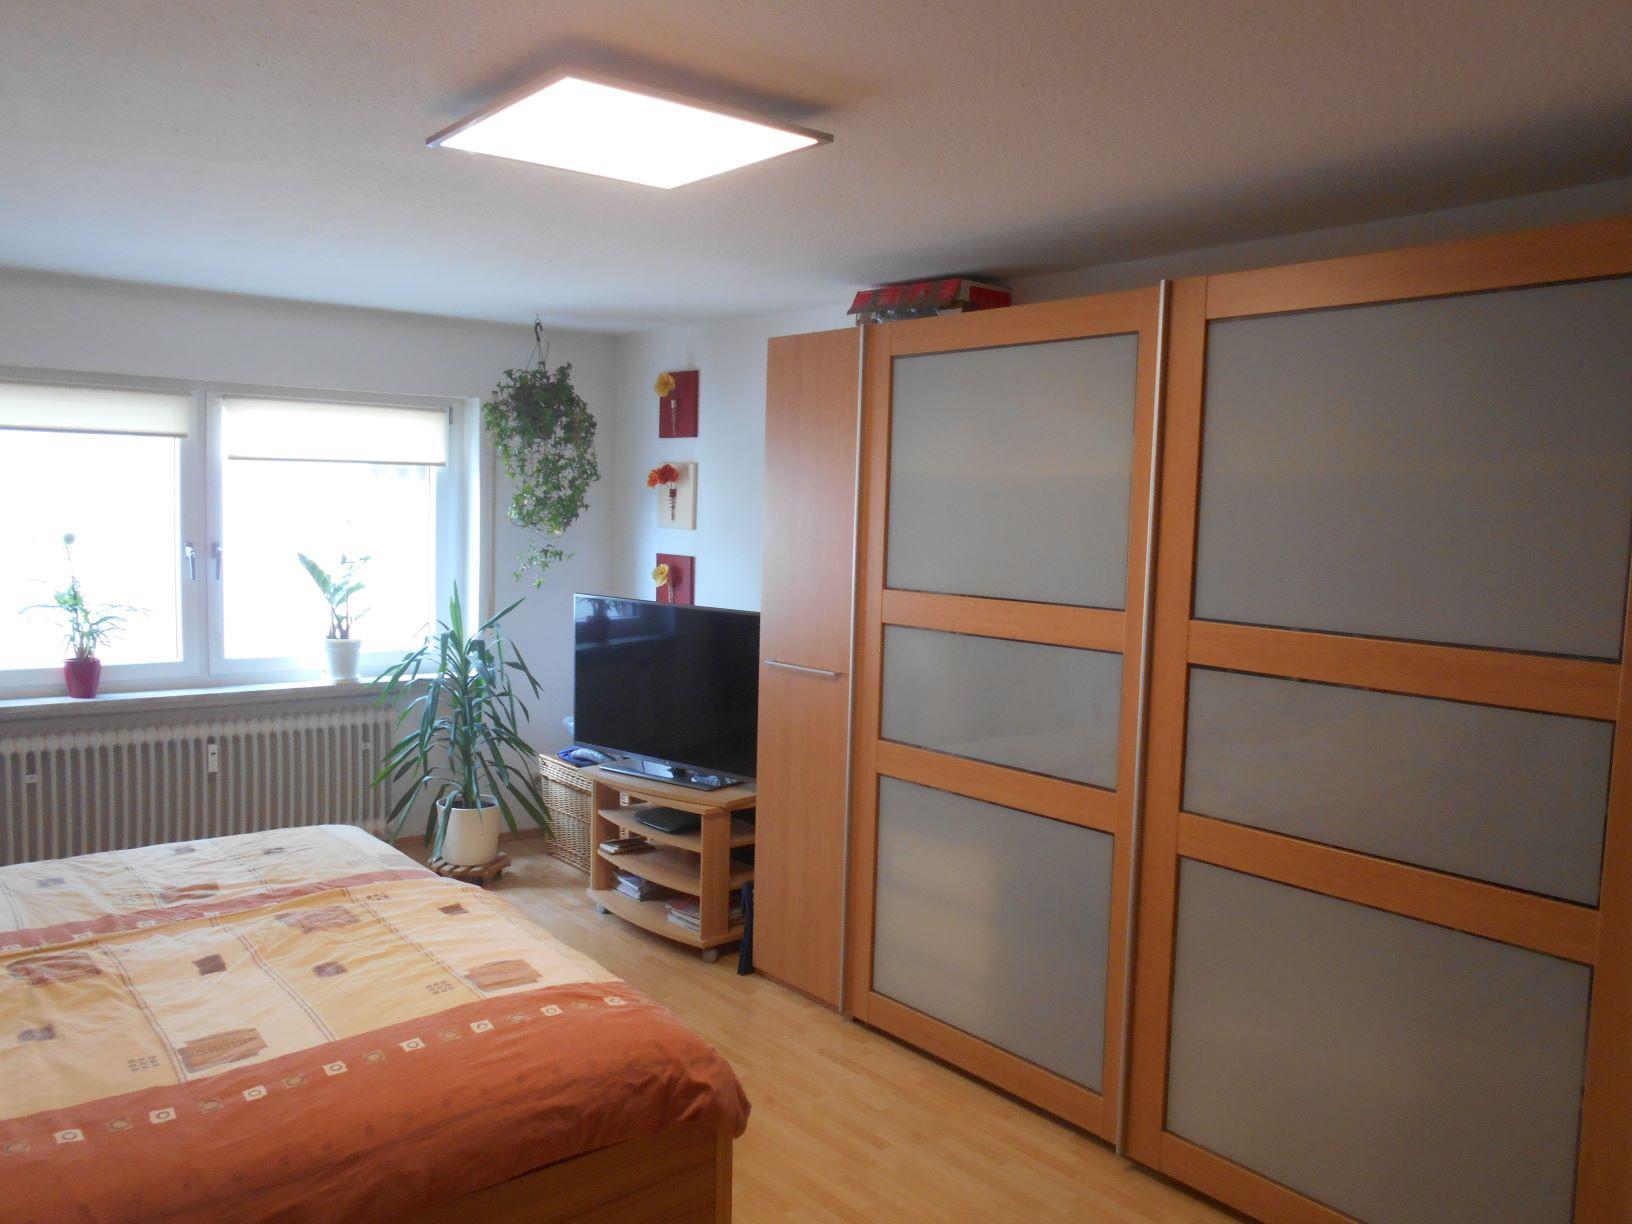 Appenweier schöne helle 3 Zimmer Wohnung mit Süd - Balkon Garage und Stellplatz inklusive